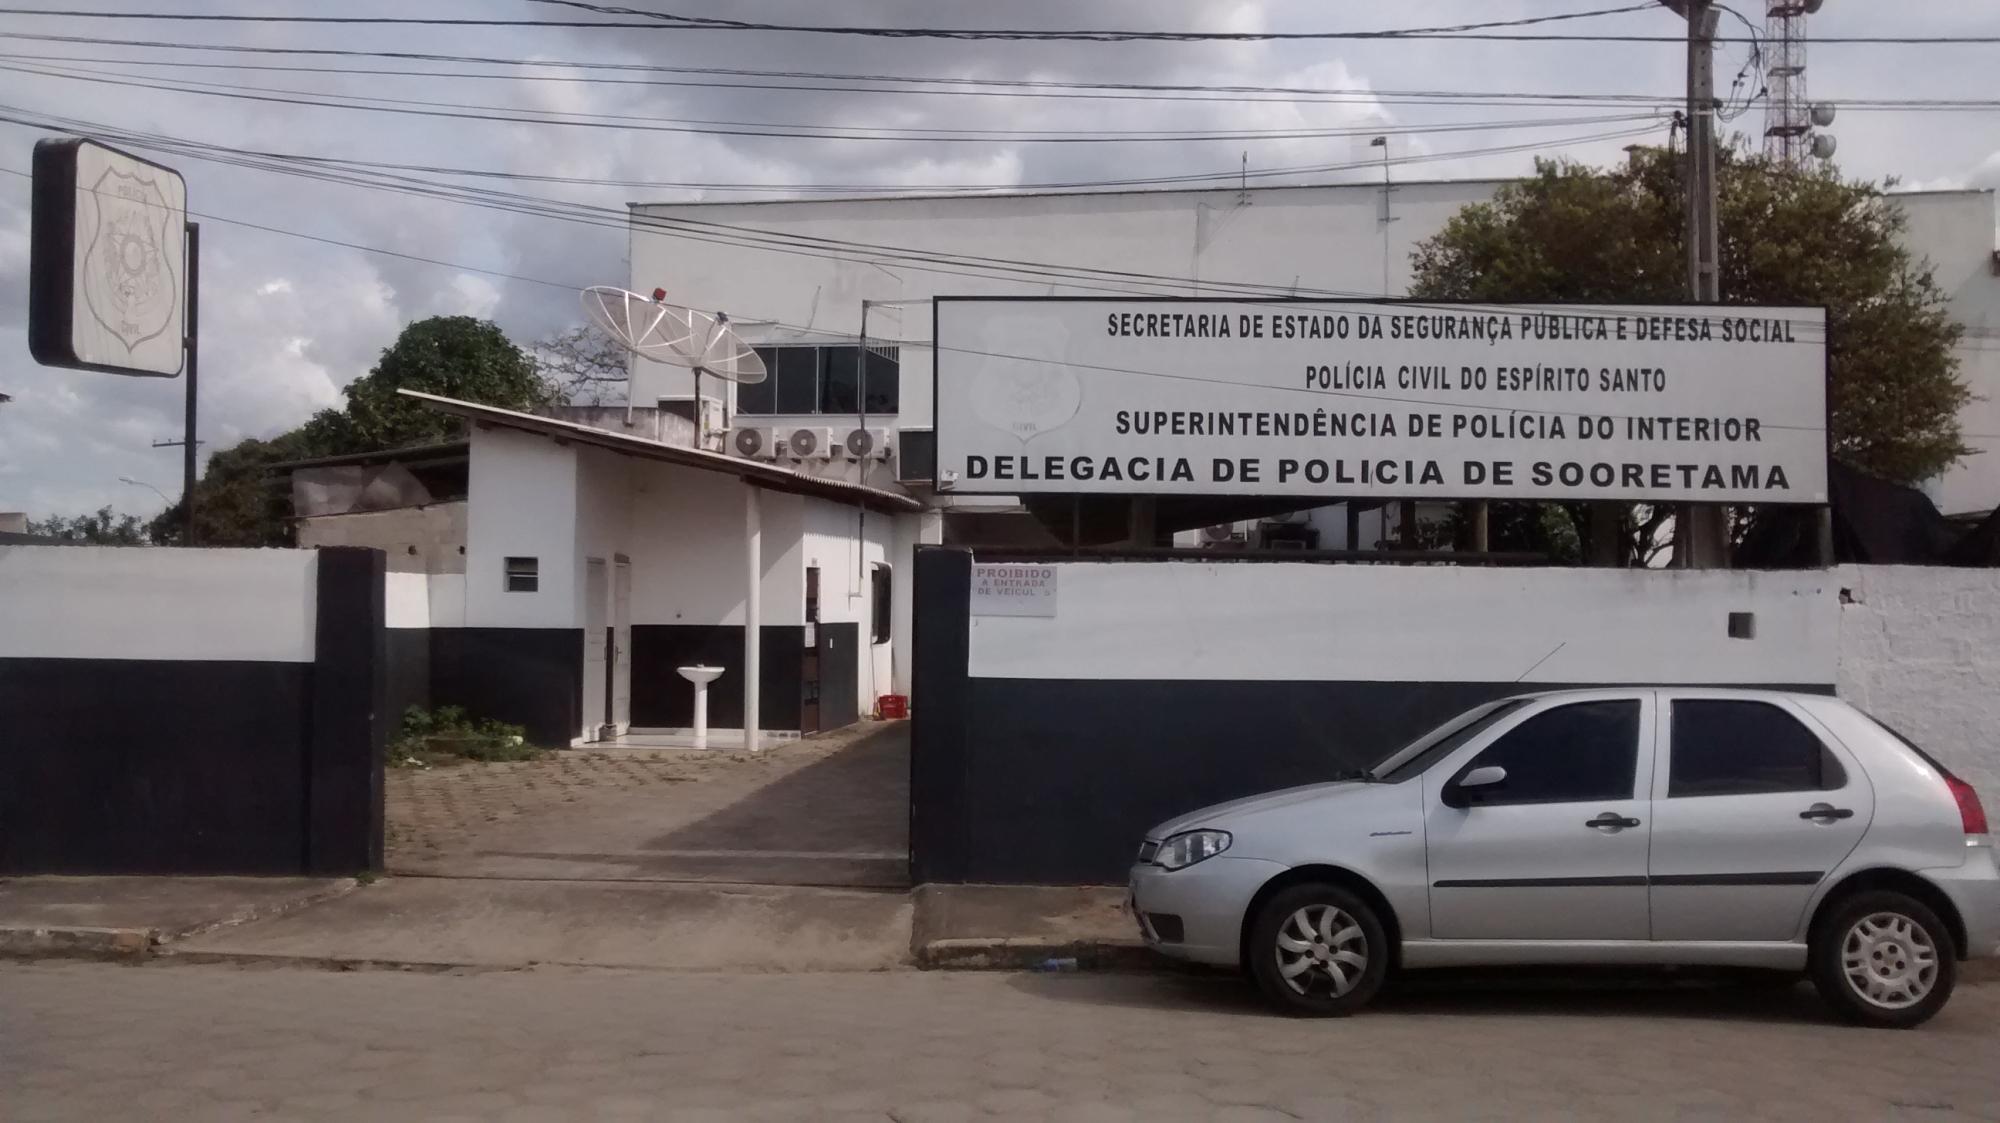 Entrada da delegacia de Sooretama, onde caso é investigado. Crédito: Loreta Fagionato